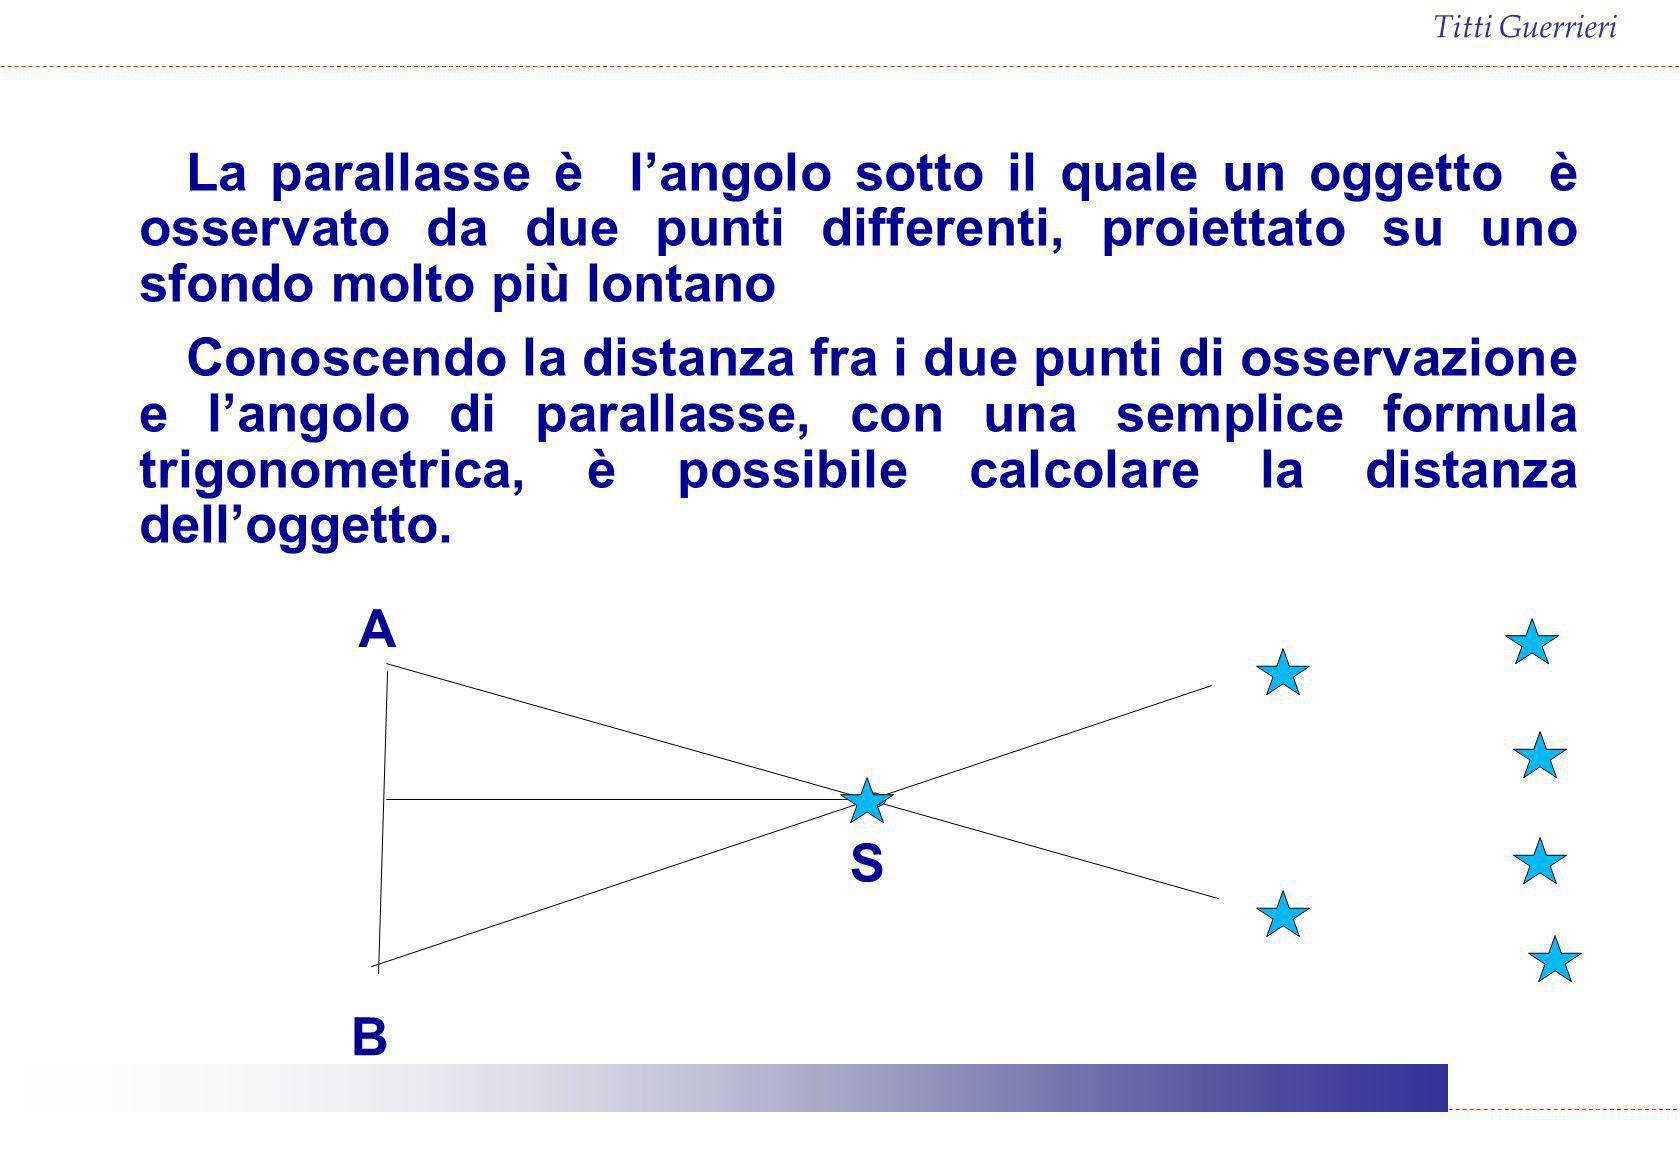 Titti Guerrieri Il suo metodo che permetteva di trovare la forma ma non le dimensioni produsse questo risultato: